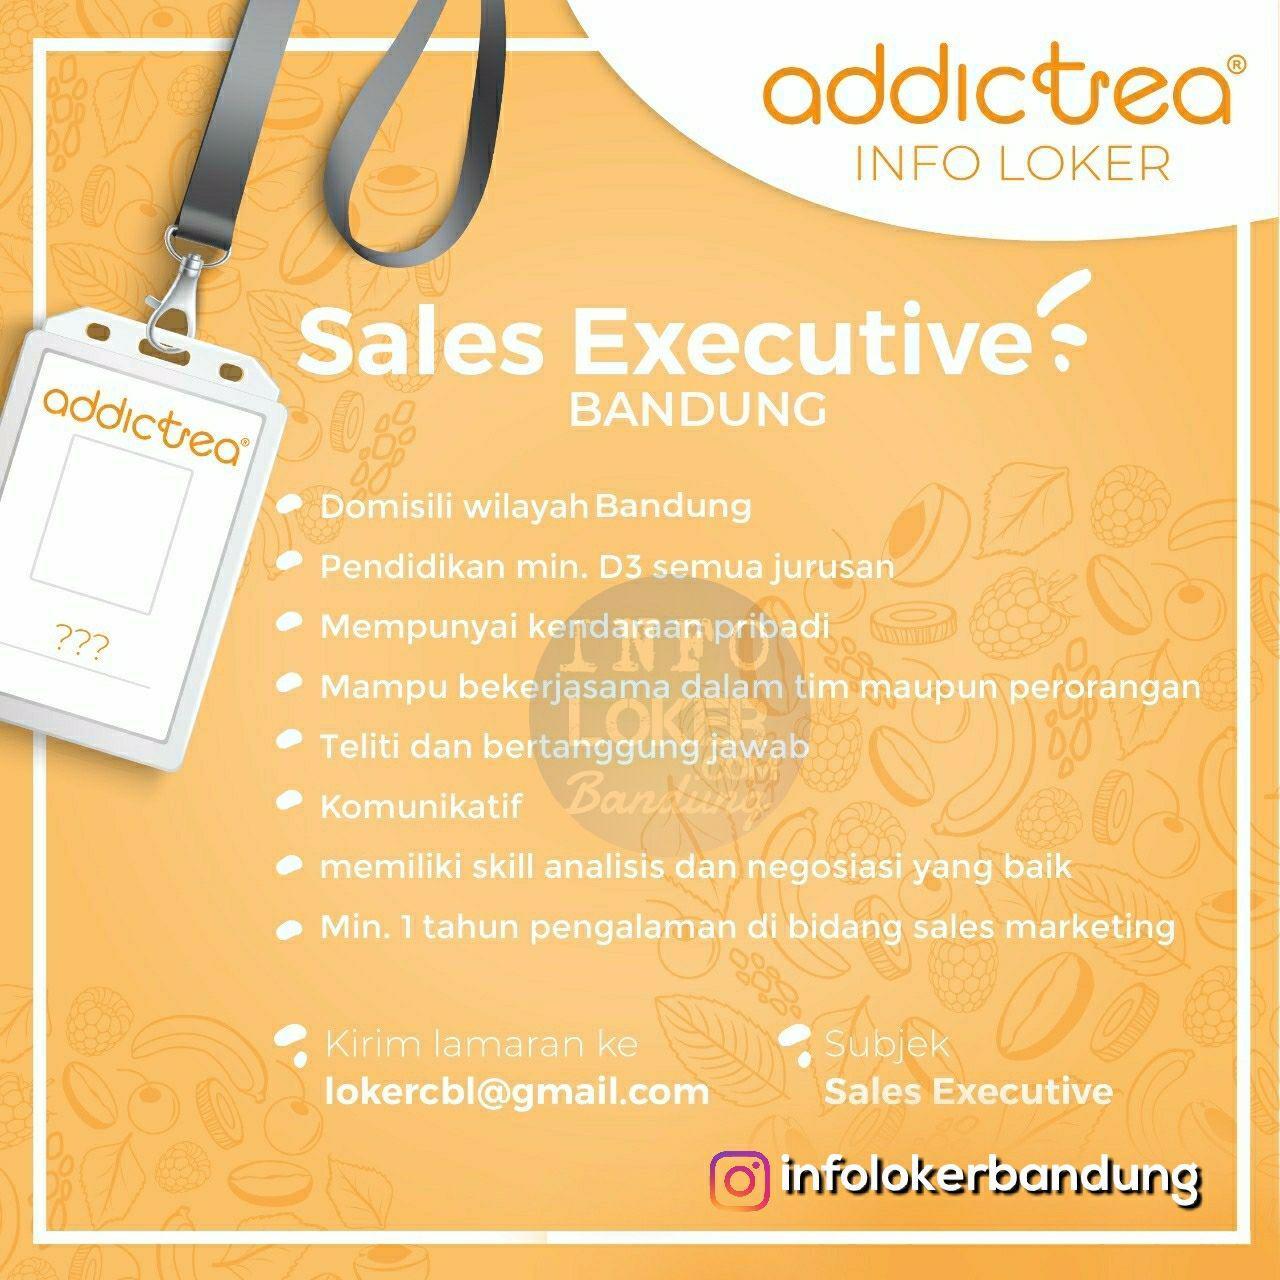 Lowongan Kerja Addictea Bandung November 2018